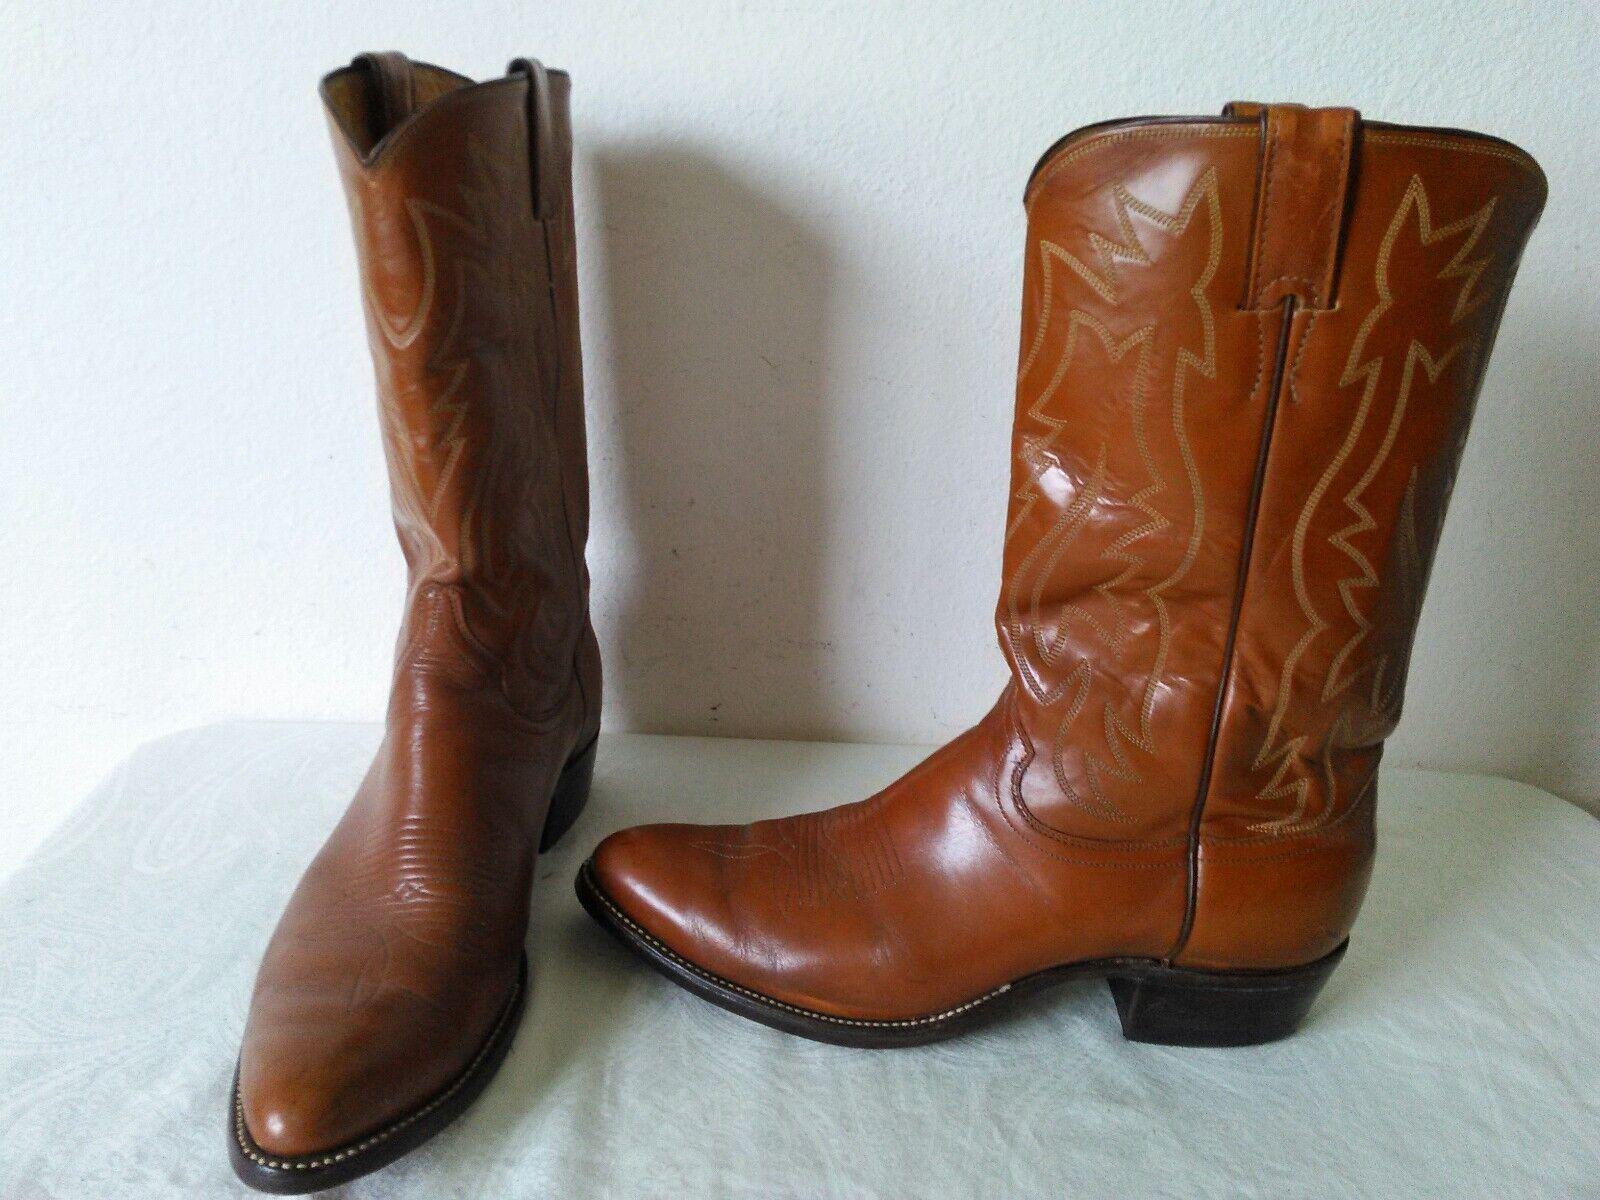 Gran JUSTIN Hombre Cuero Marrón LT botas de vaquero Western todas St 2909 Talla 9.5 D